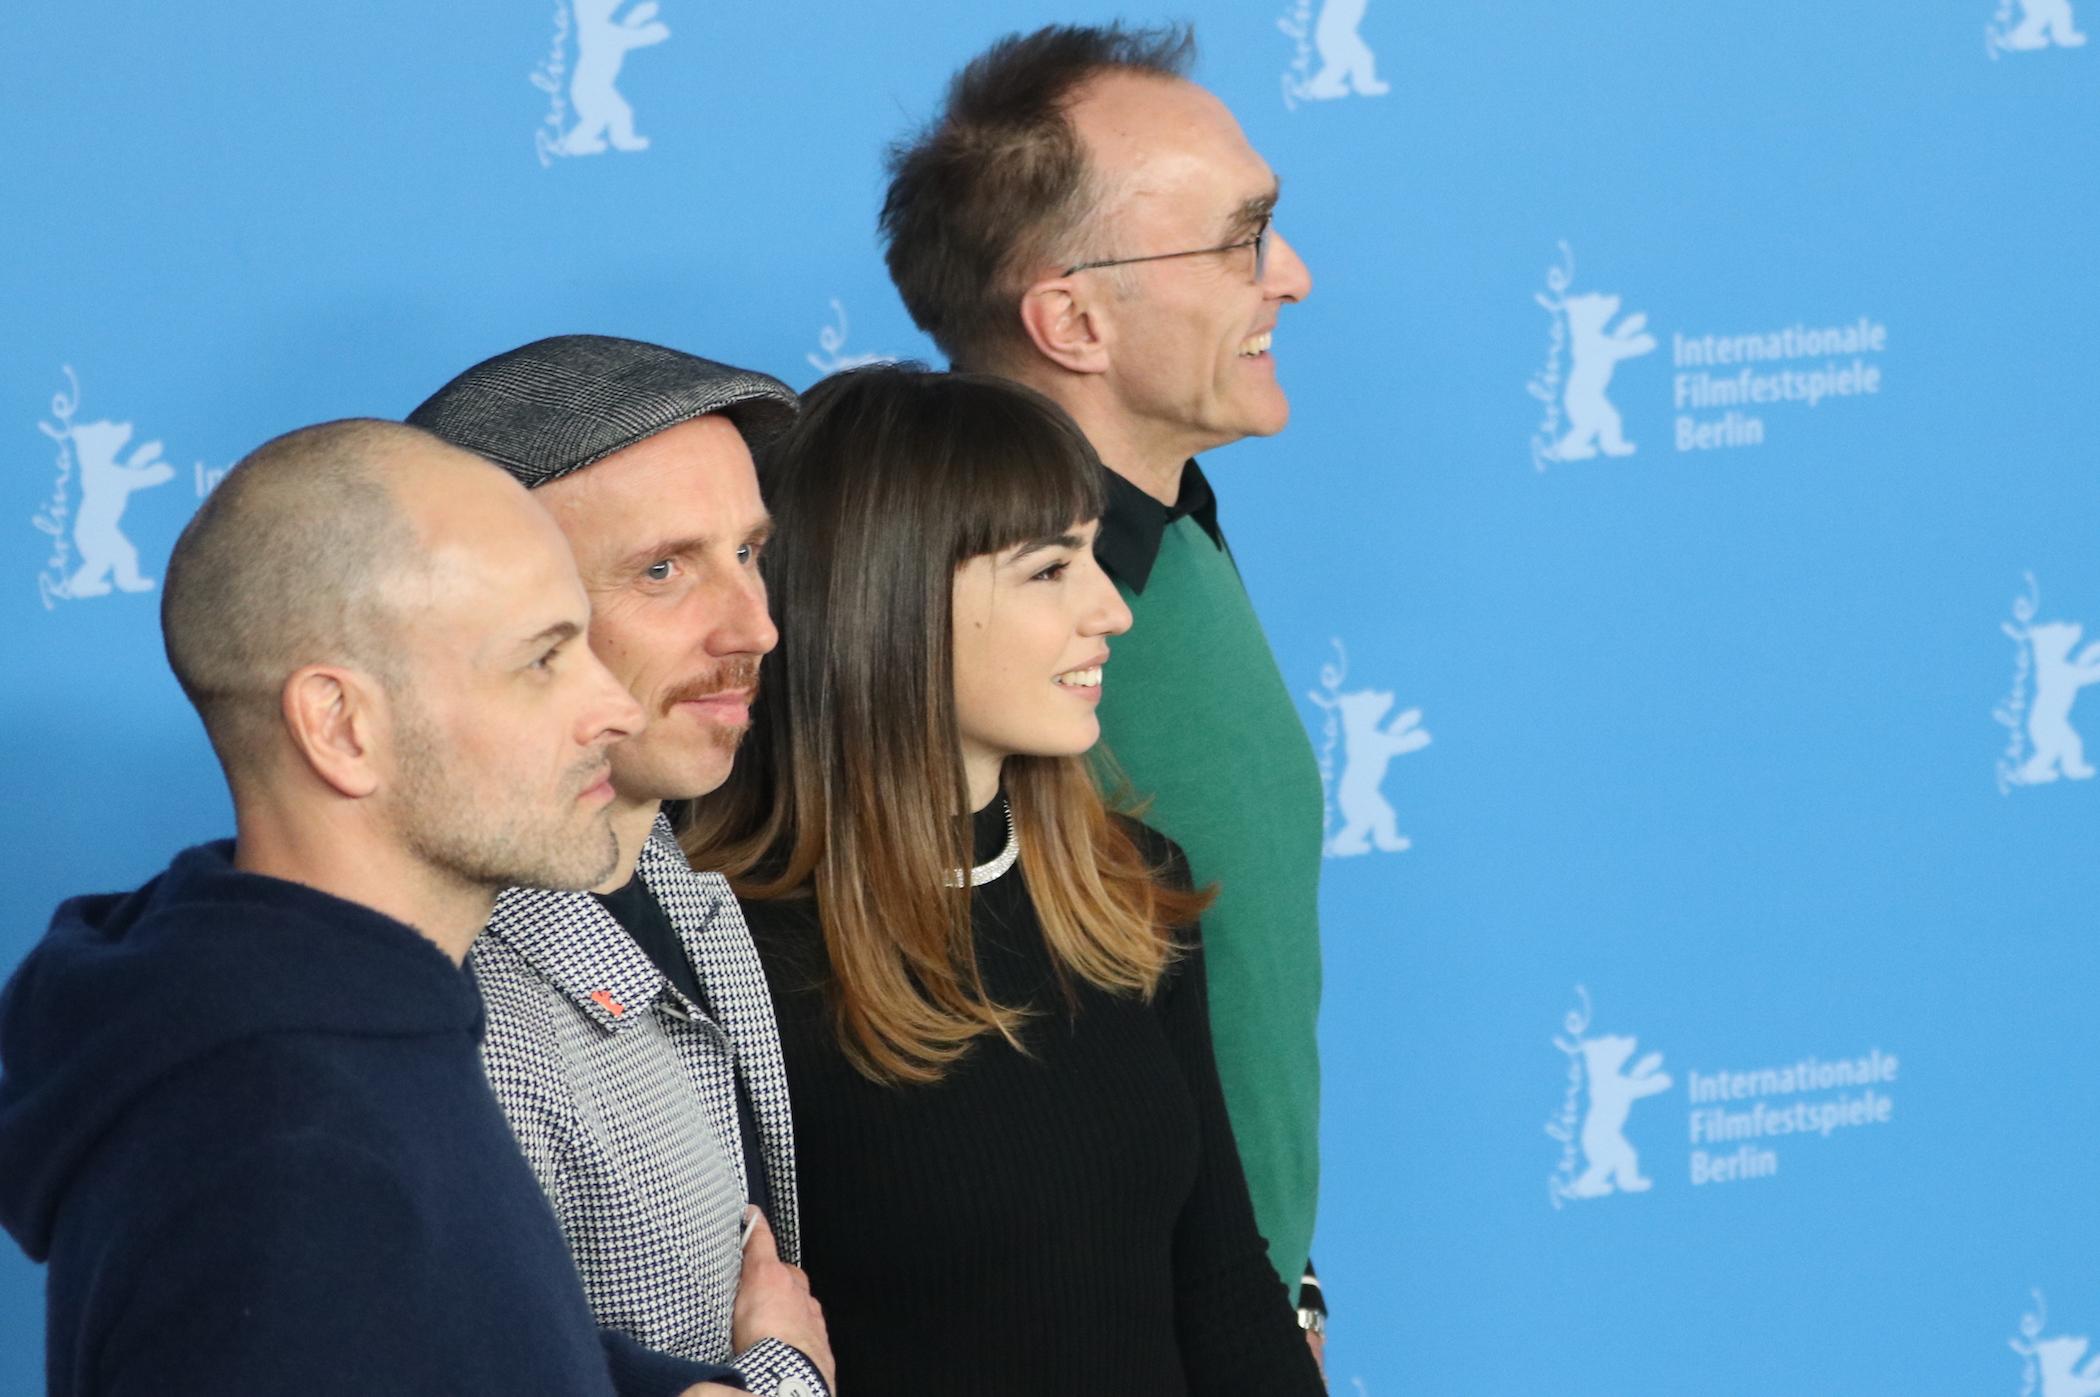 Berlino 2017: uno scatto di Ewen Bremner, Danny Boyle, Jonny Lee Miller e Anjela Nedyalkova al photocall di T2 Trainspotting